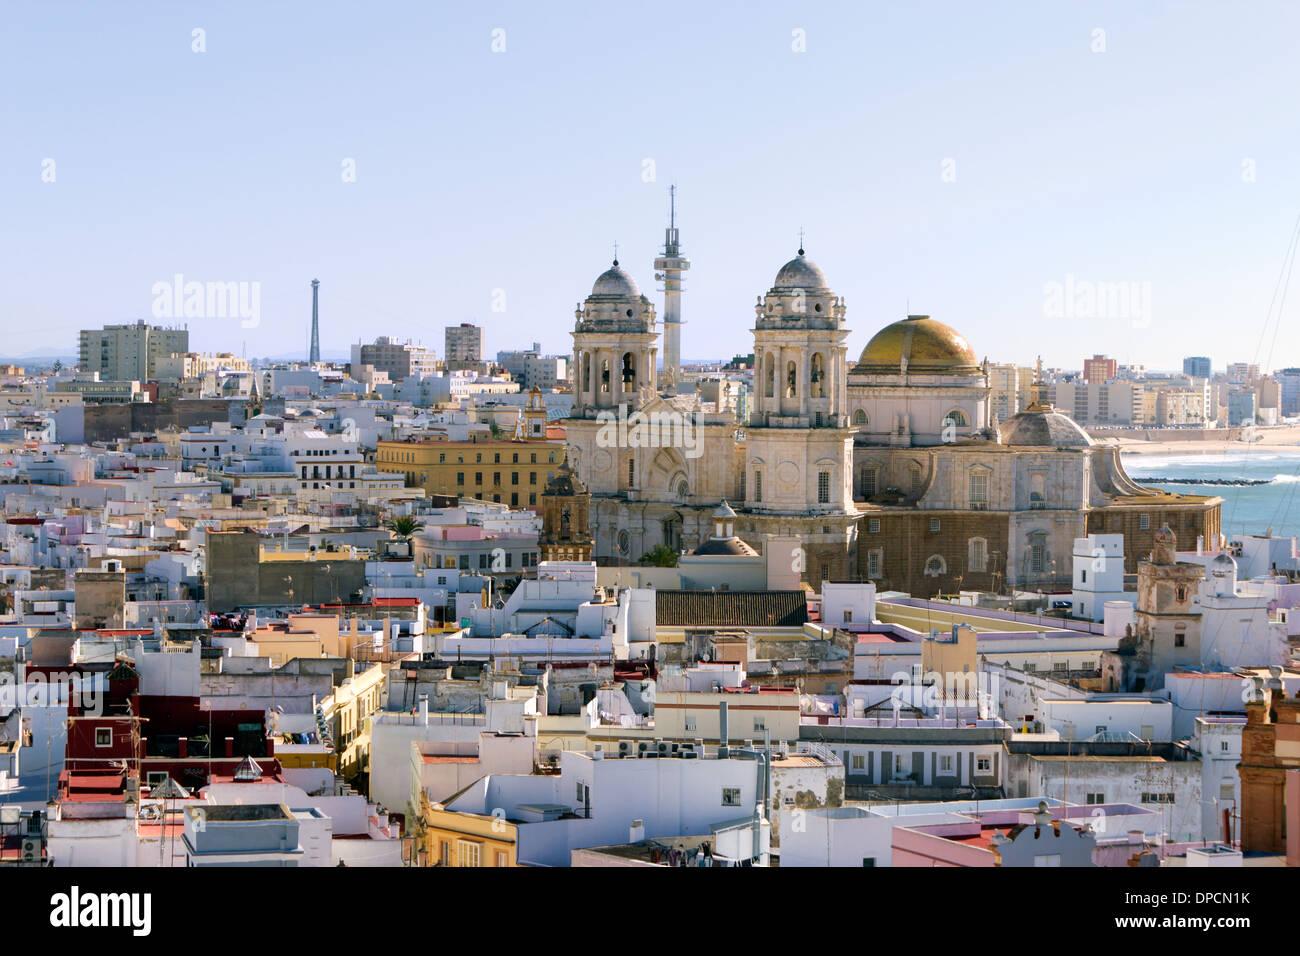 Vue de Cadix et de sa cathédrale de la Torre Tavira, ou la Tour Tavira, Espagne. Banque D'Images